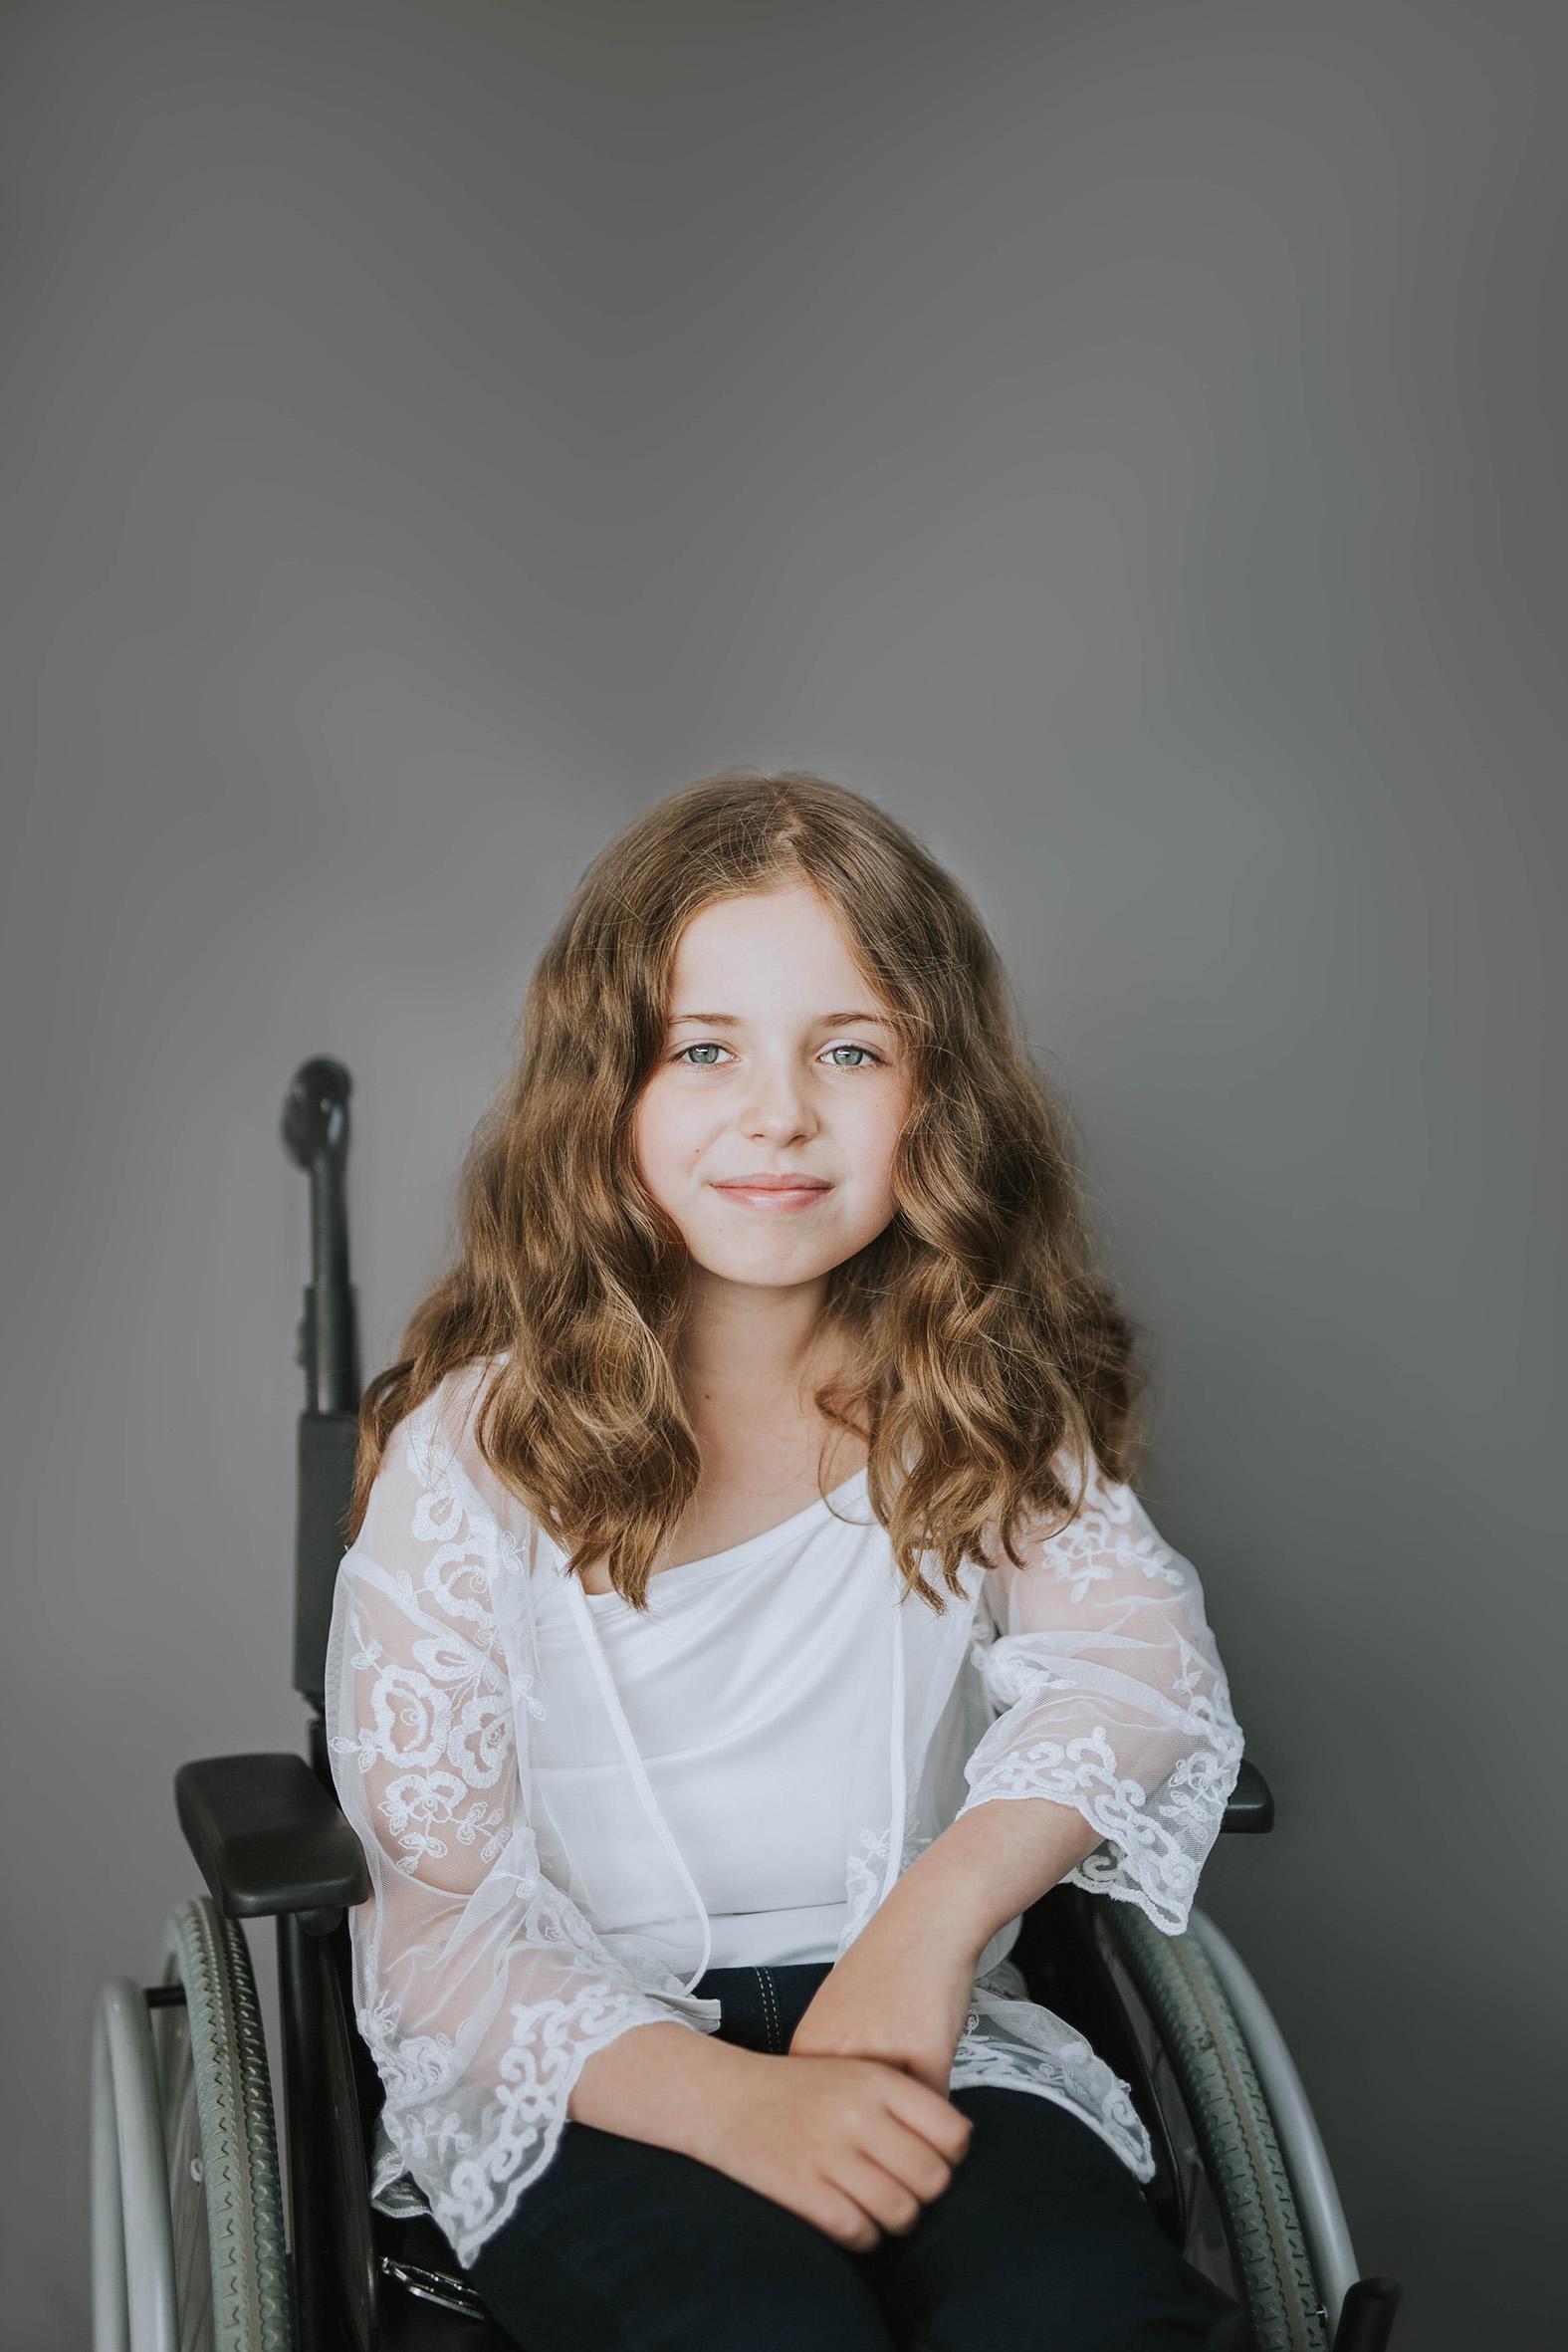 Phoebie, Ehlers Danlos Syndrome, Zebedee